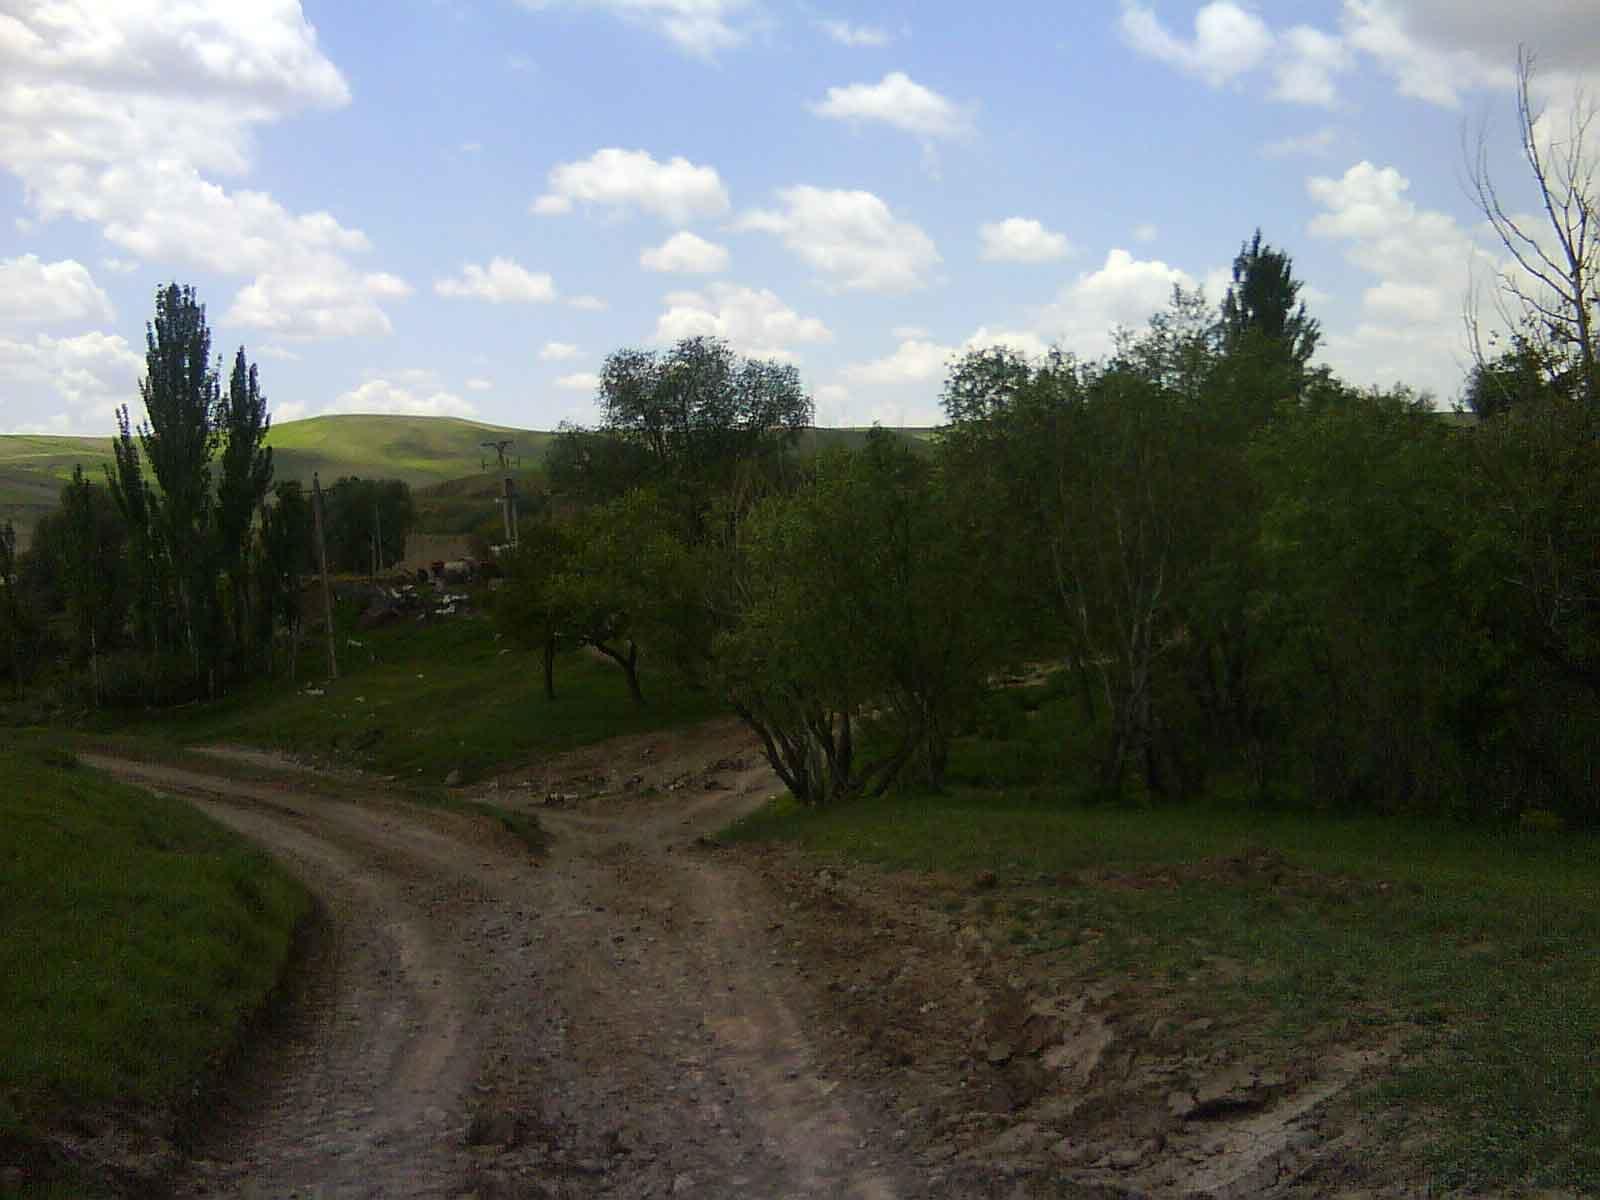 ورودی روستا از چناخبلاغ